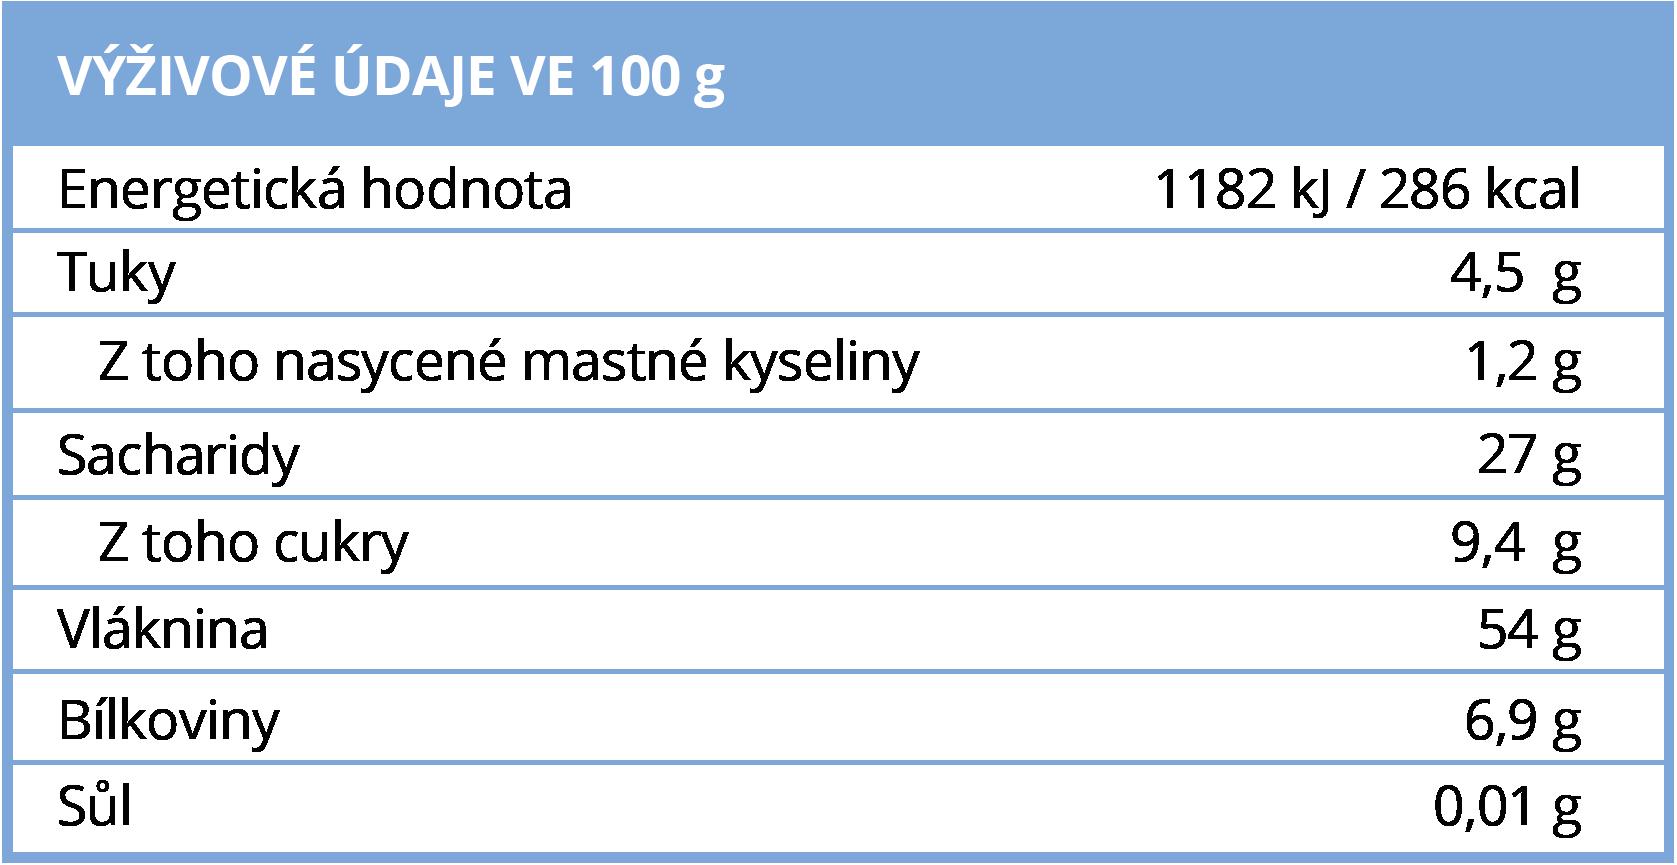 Výživové hodnoty BrainMax Pure Arónie - černý jeřáb BIO prášek, 200 g - BrainMarket.cz